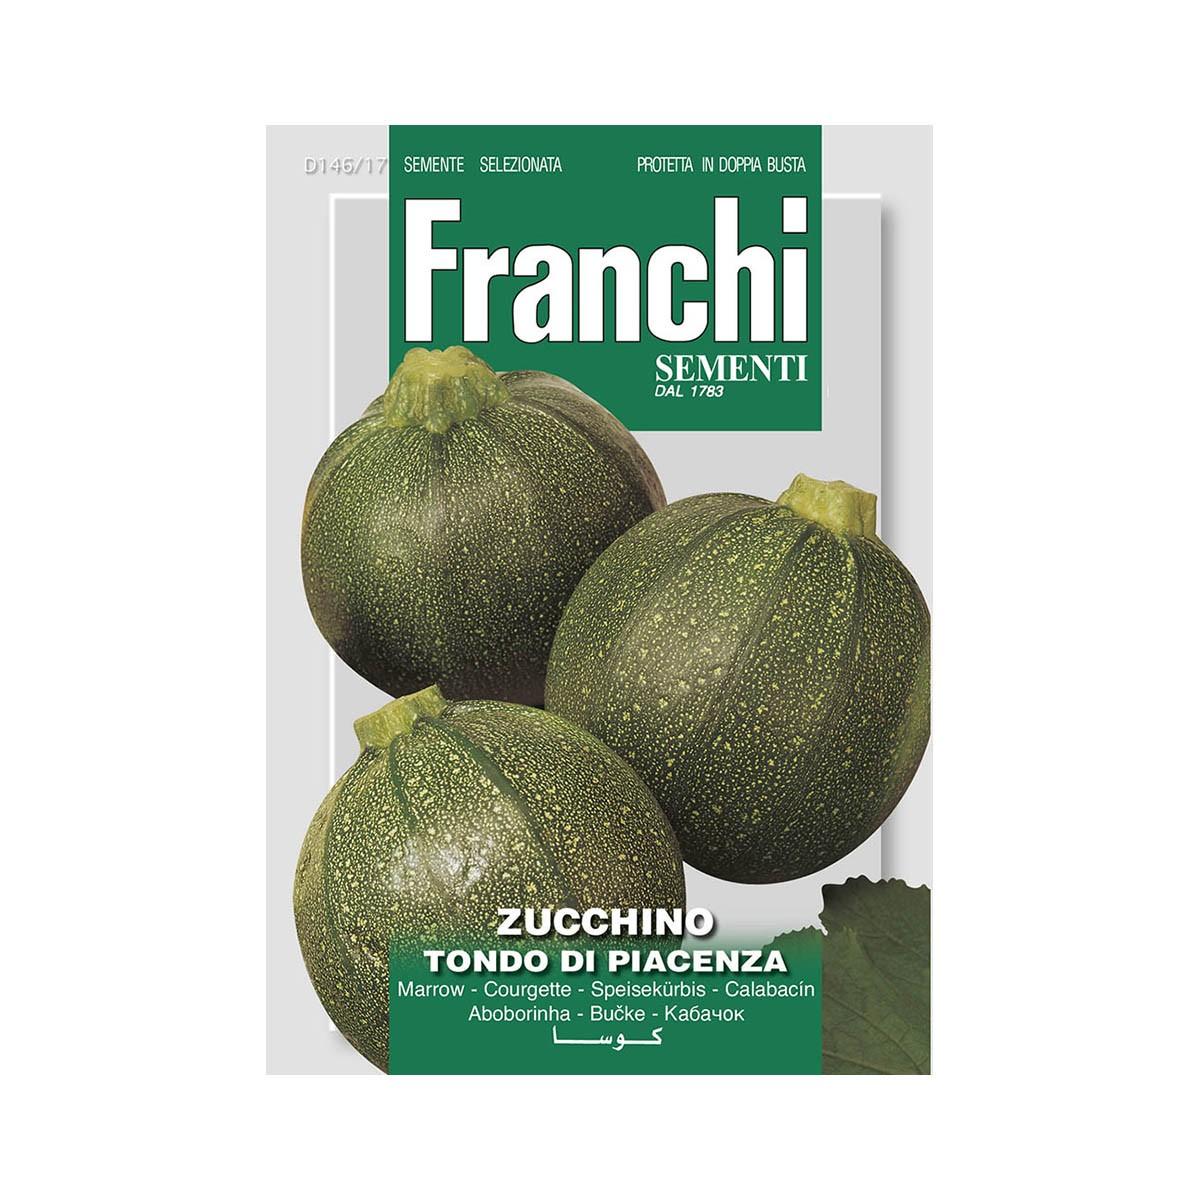 Semi Zucchino Tondo Di Piacenza